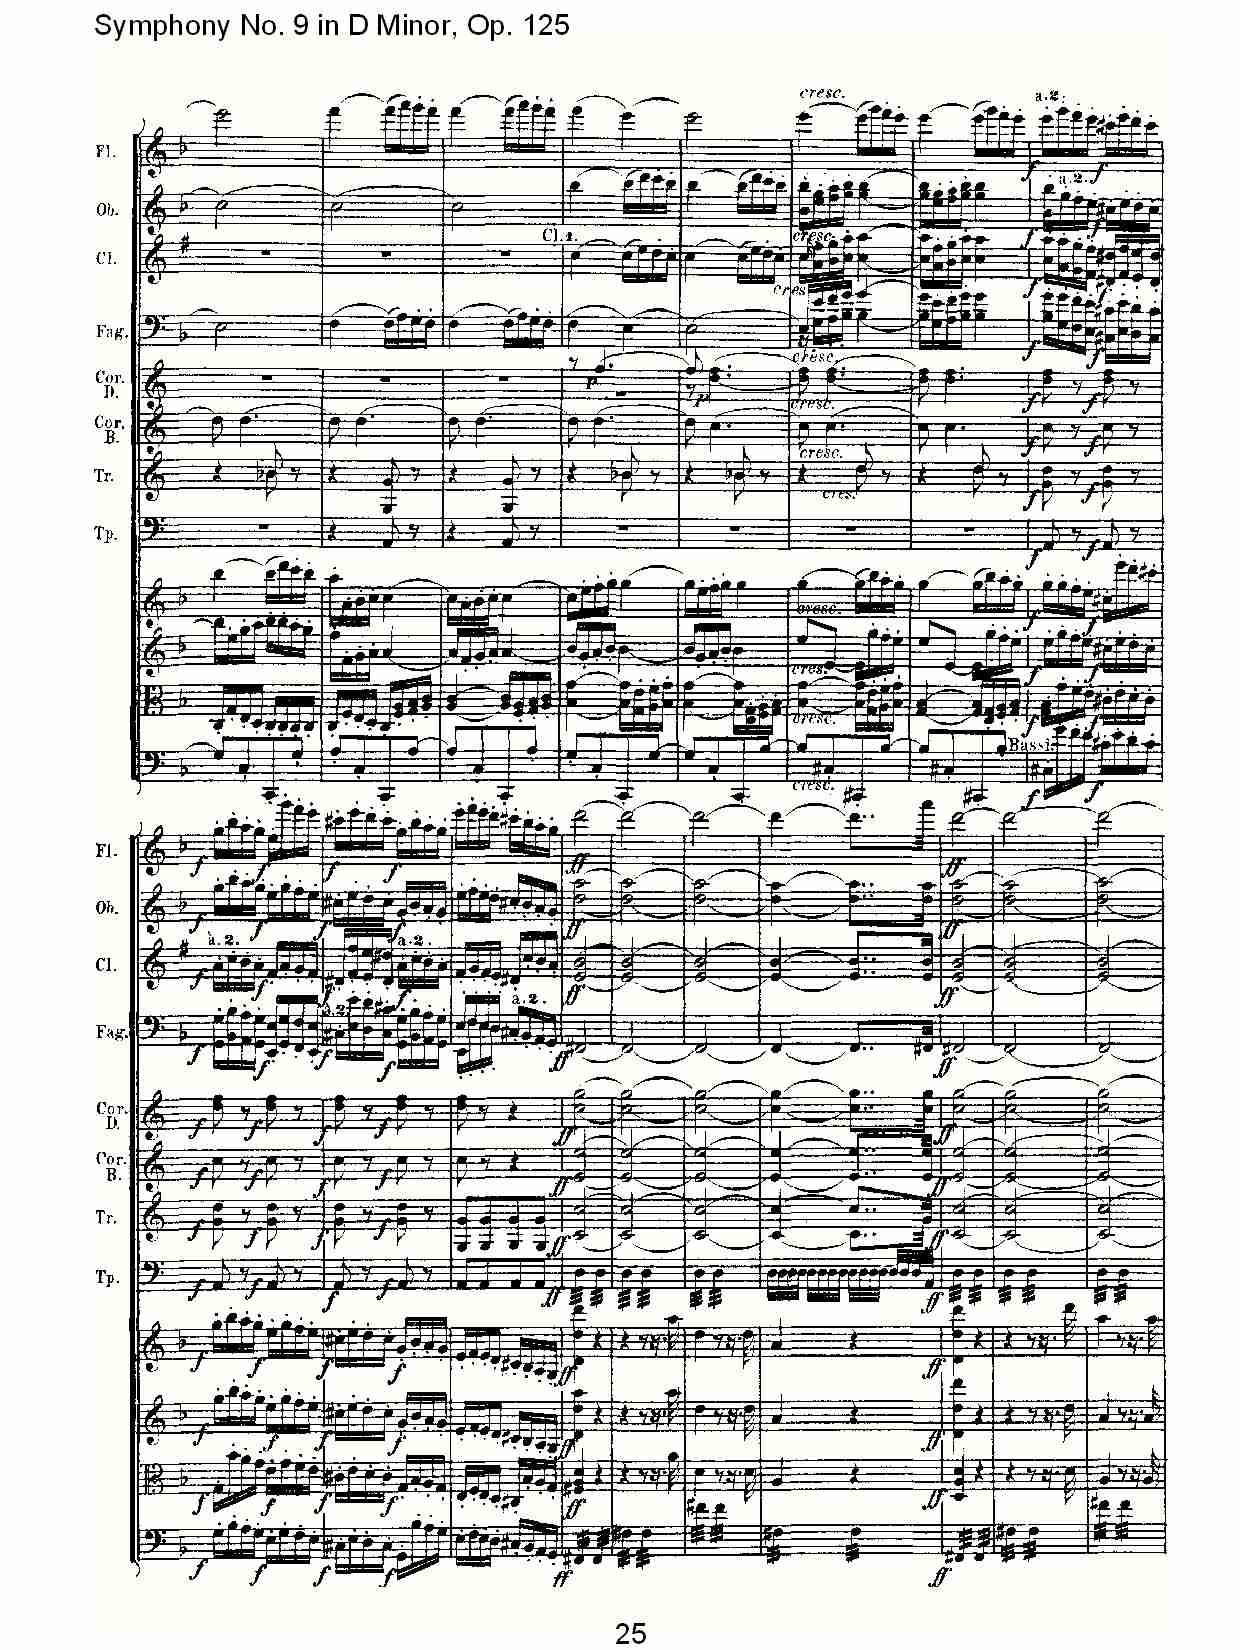 交响乐嘎达梅林总谱-D大调第九交响曲 Op.125 第一乐章 三